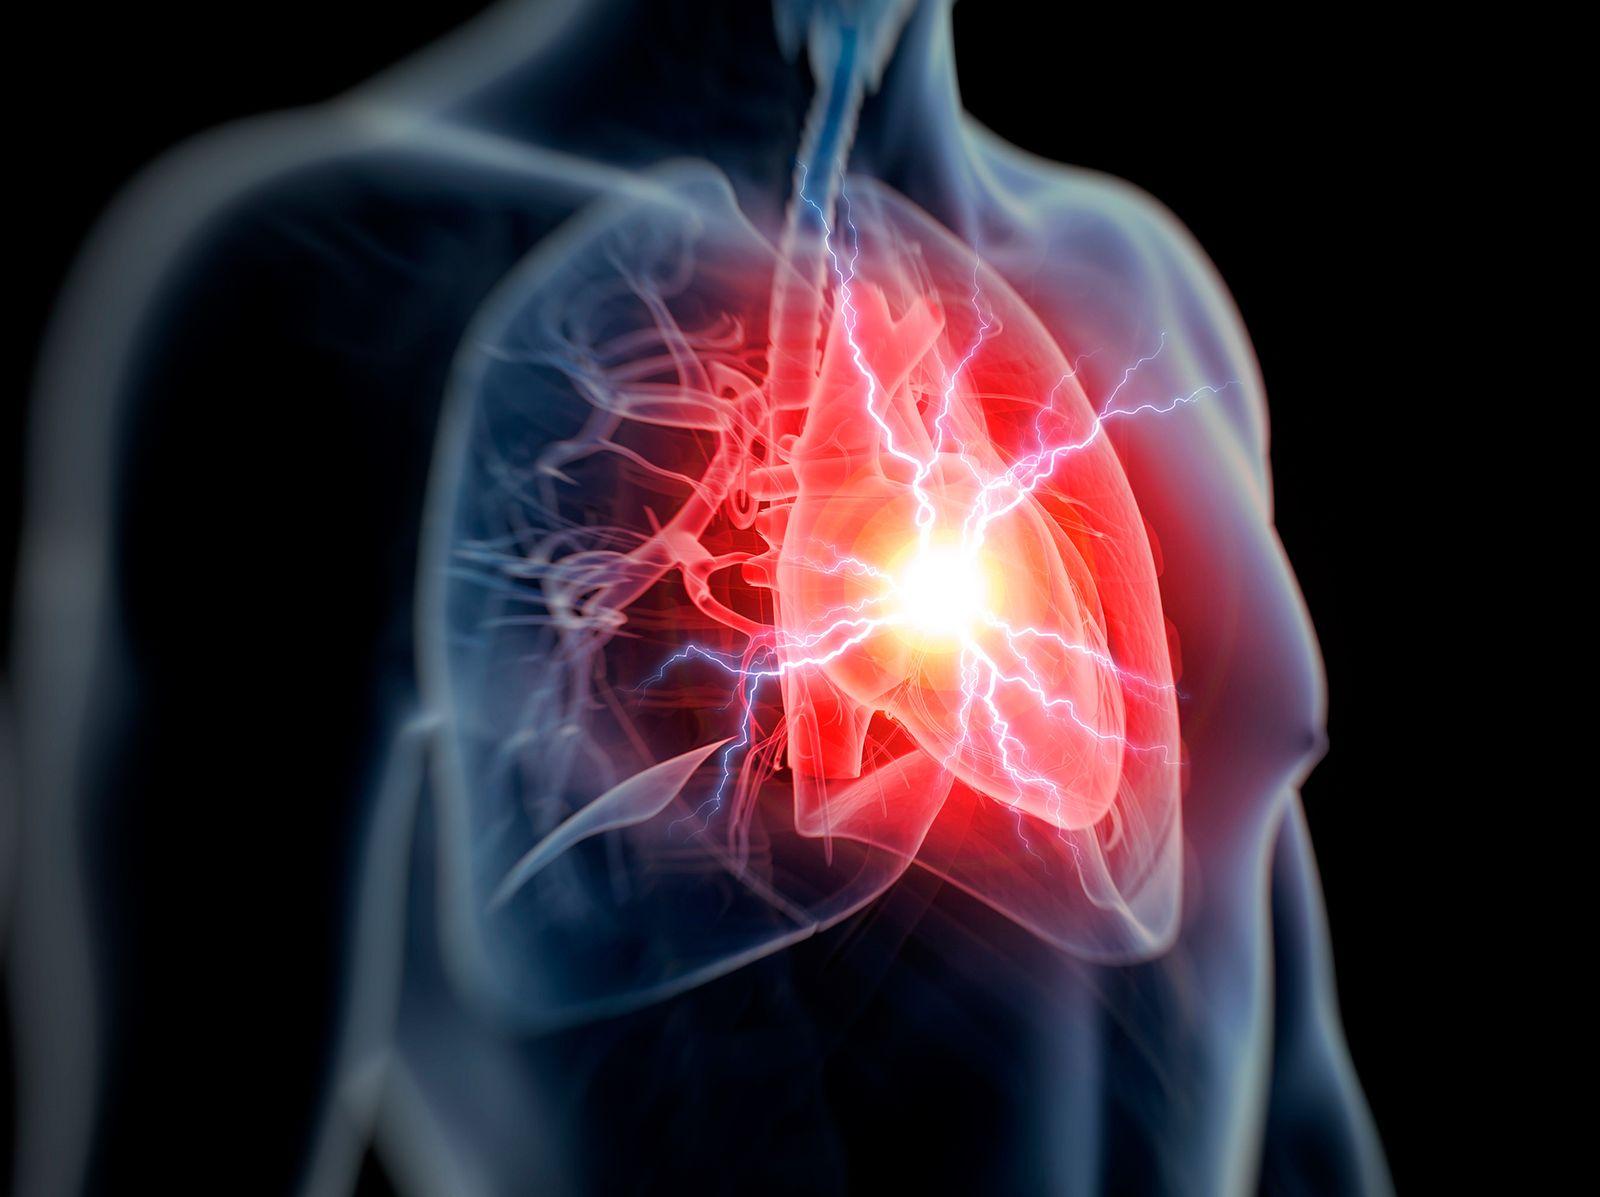 NICHT MEHR VERWENDEN! - Takotsubo-Syndrom/ Herzschmerz